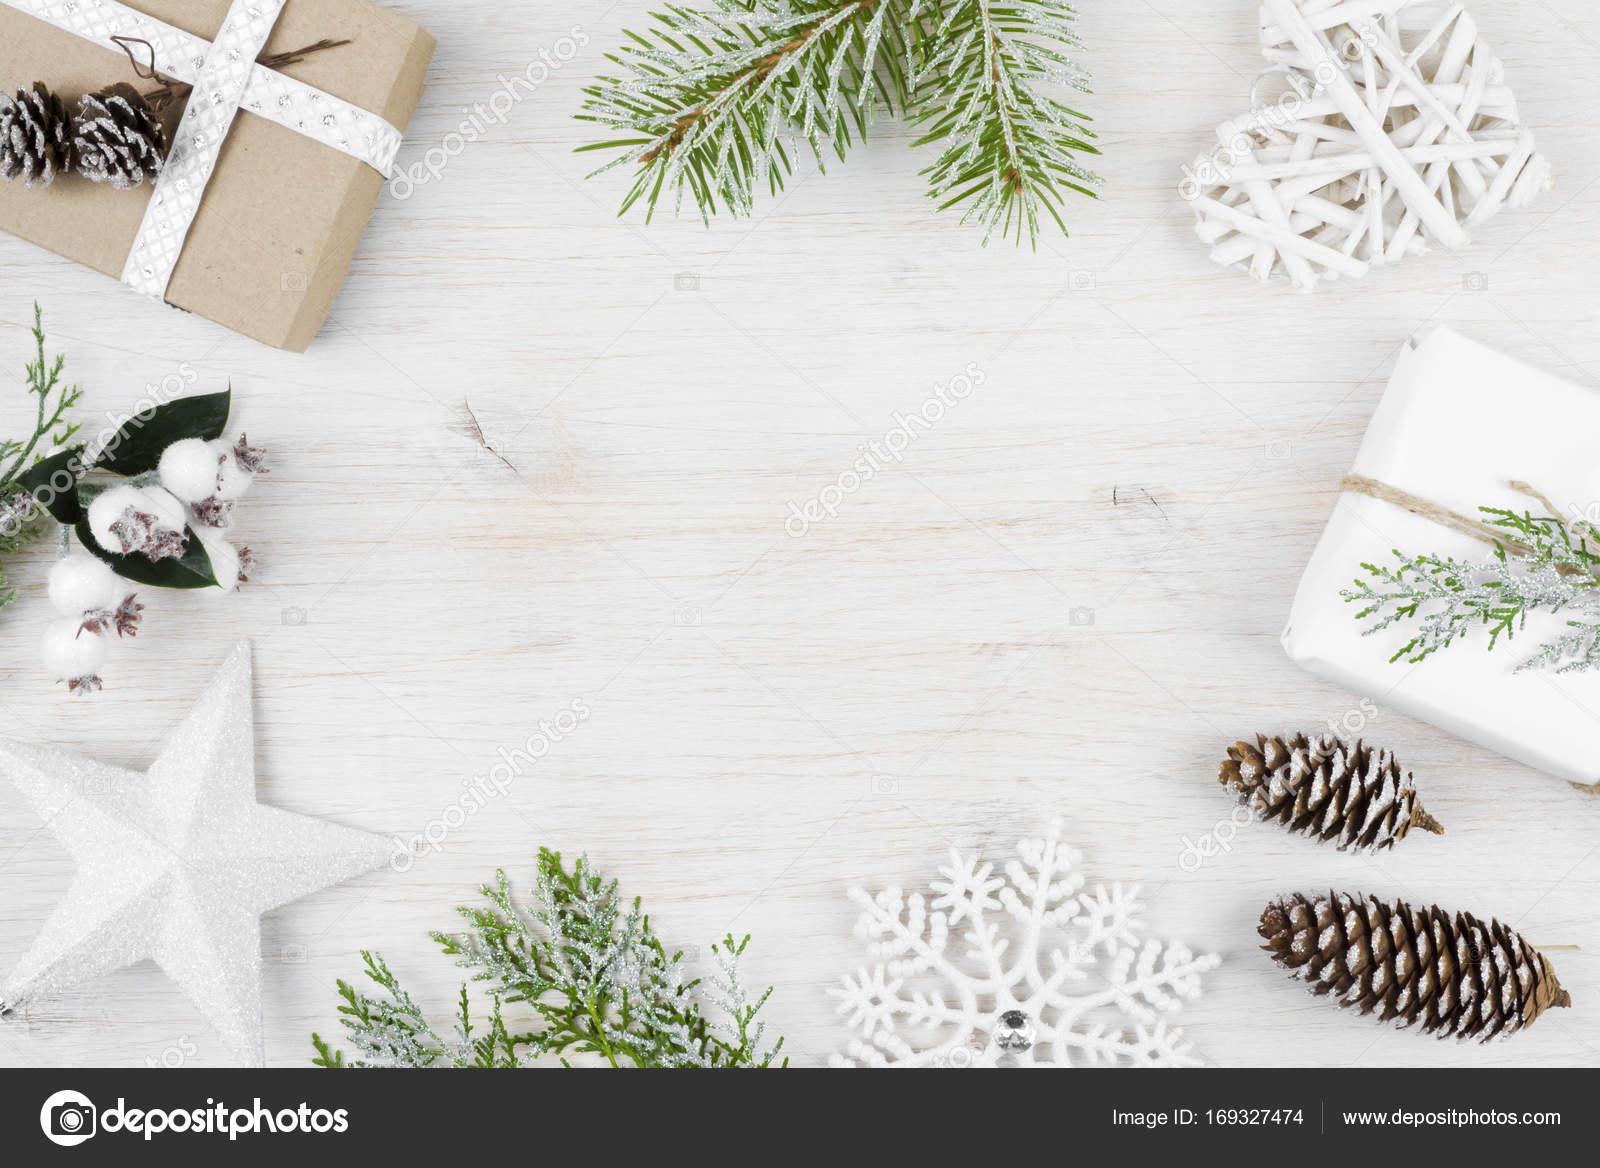 décoration de noël, des cadeaux, des branches de cyprès givré